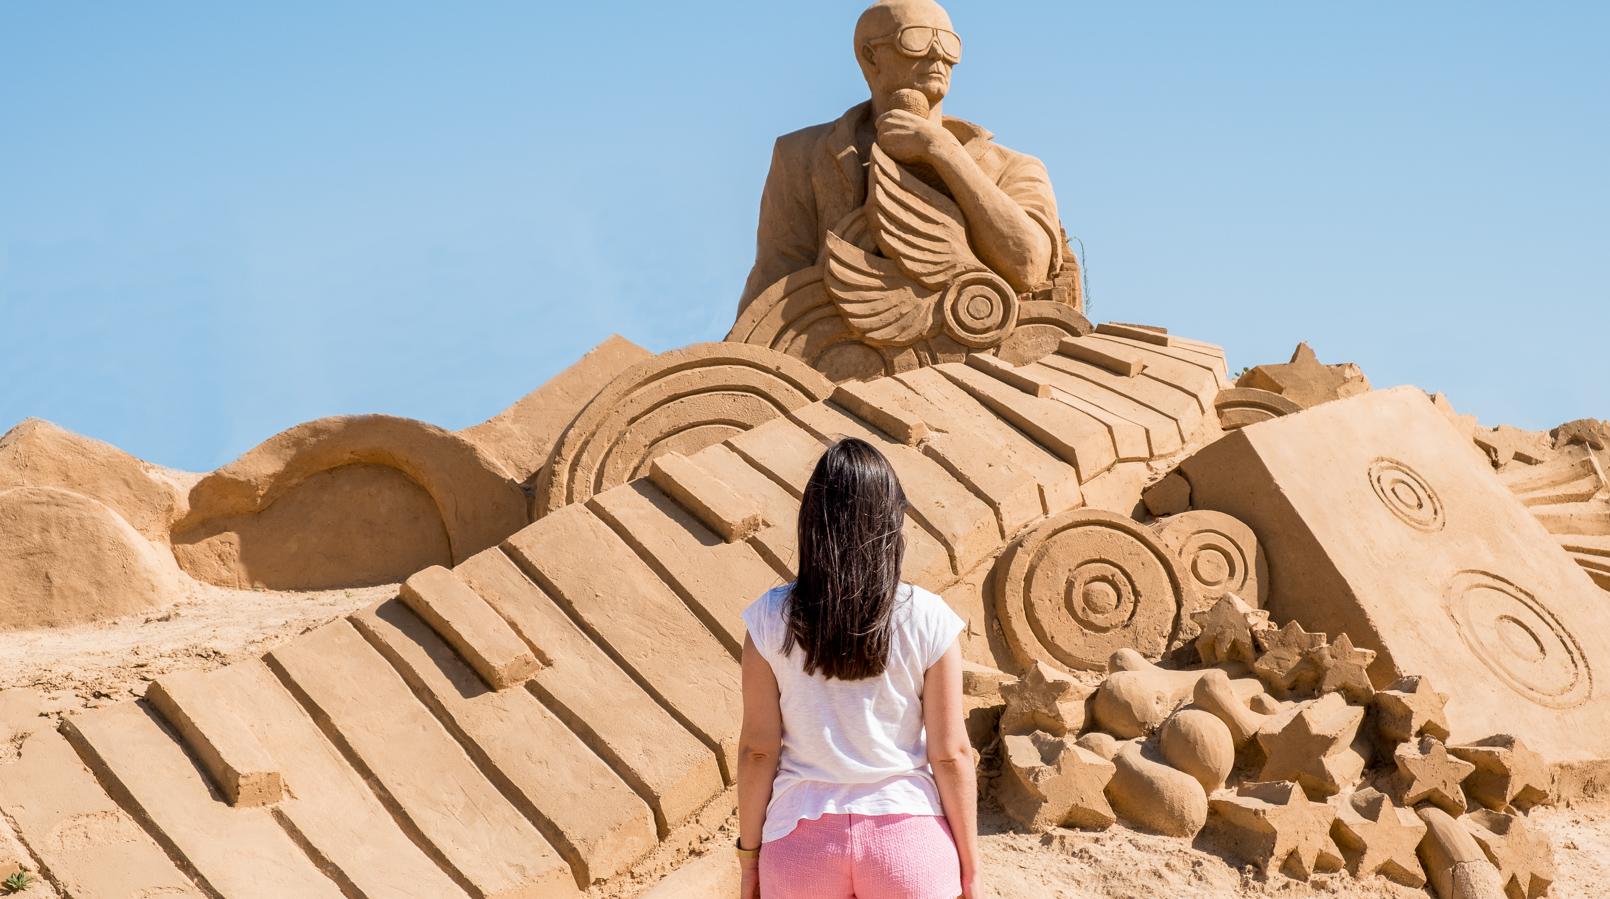 Le Fashionaire Fui ao Festival Internacional de Esculturas na Areia e adorei! fiesa esculturas areia festival tee branca calcoes rosa tweed zara 4907F PT1